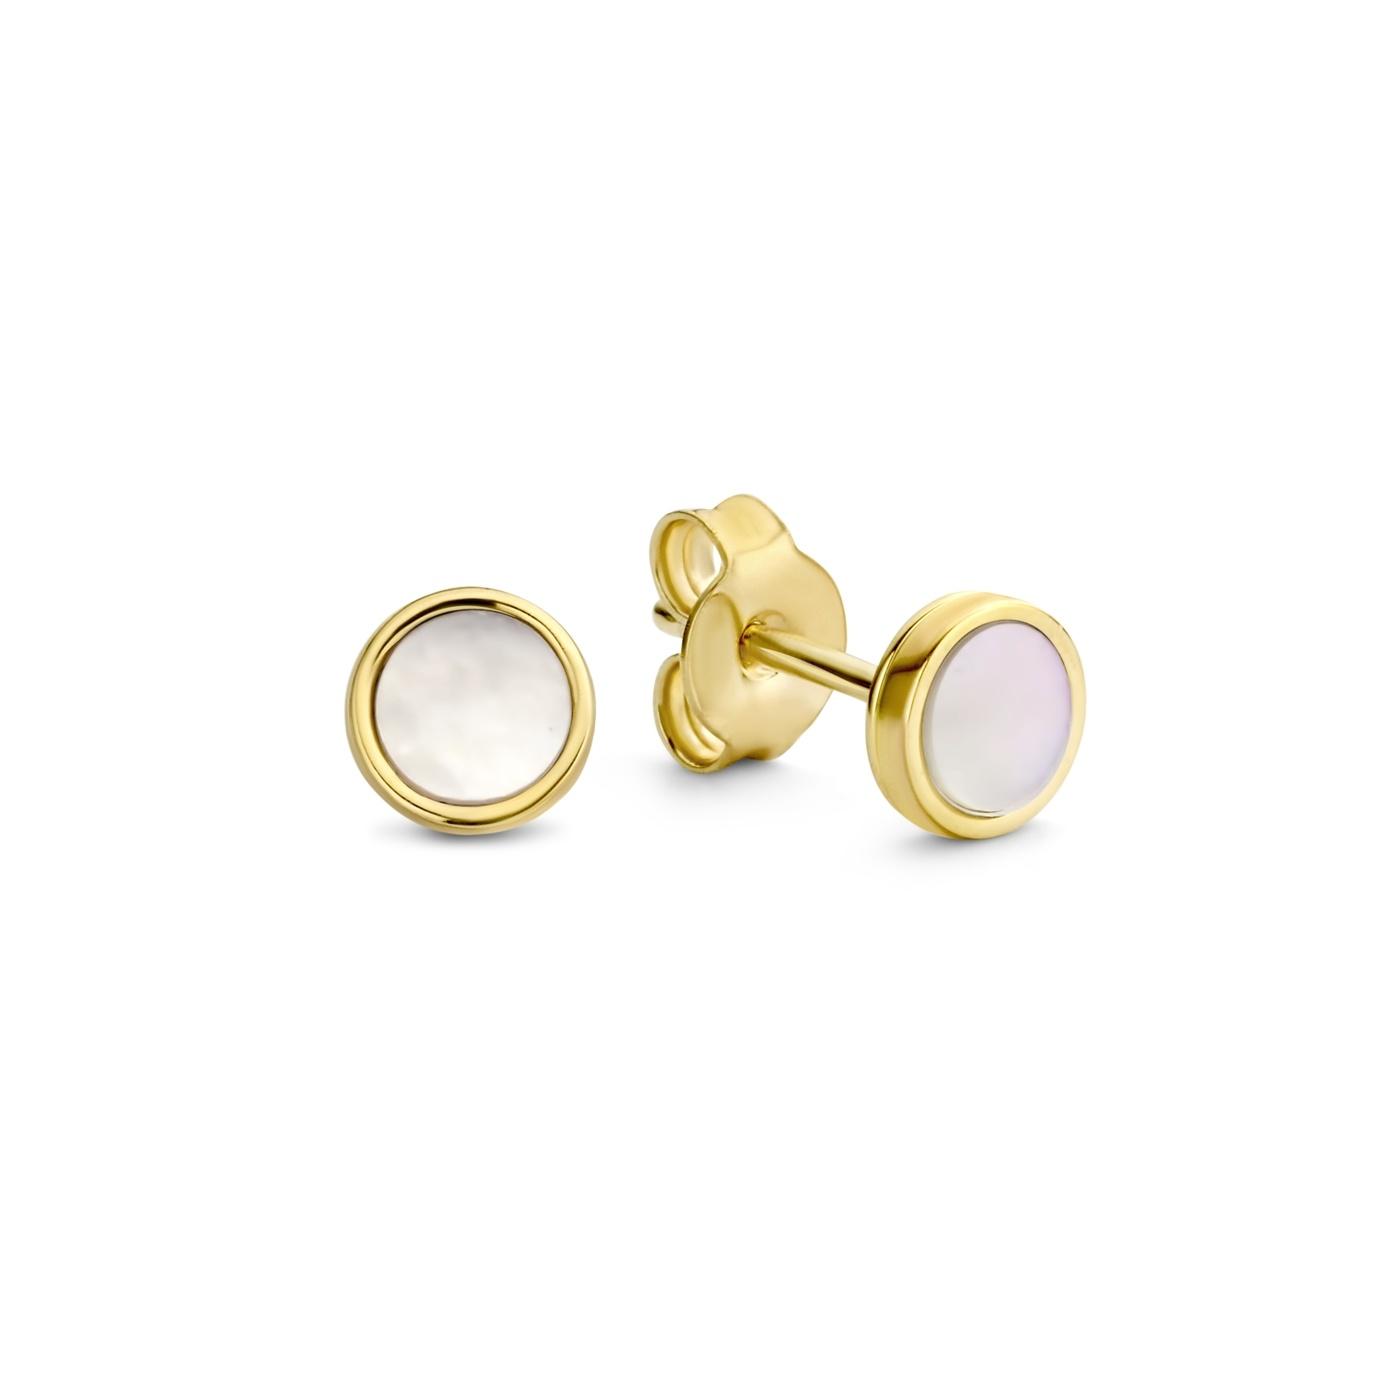 Isabel Bernard Belleville Luna 14 karaat gouden oorknoppen met zoetwaterparel